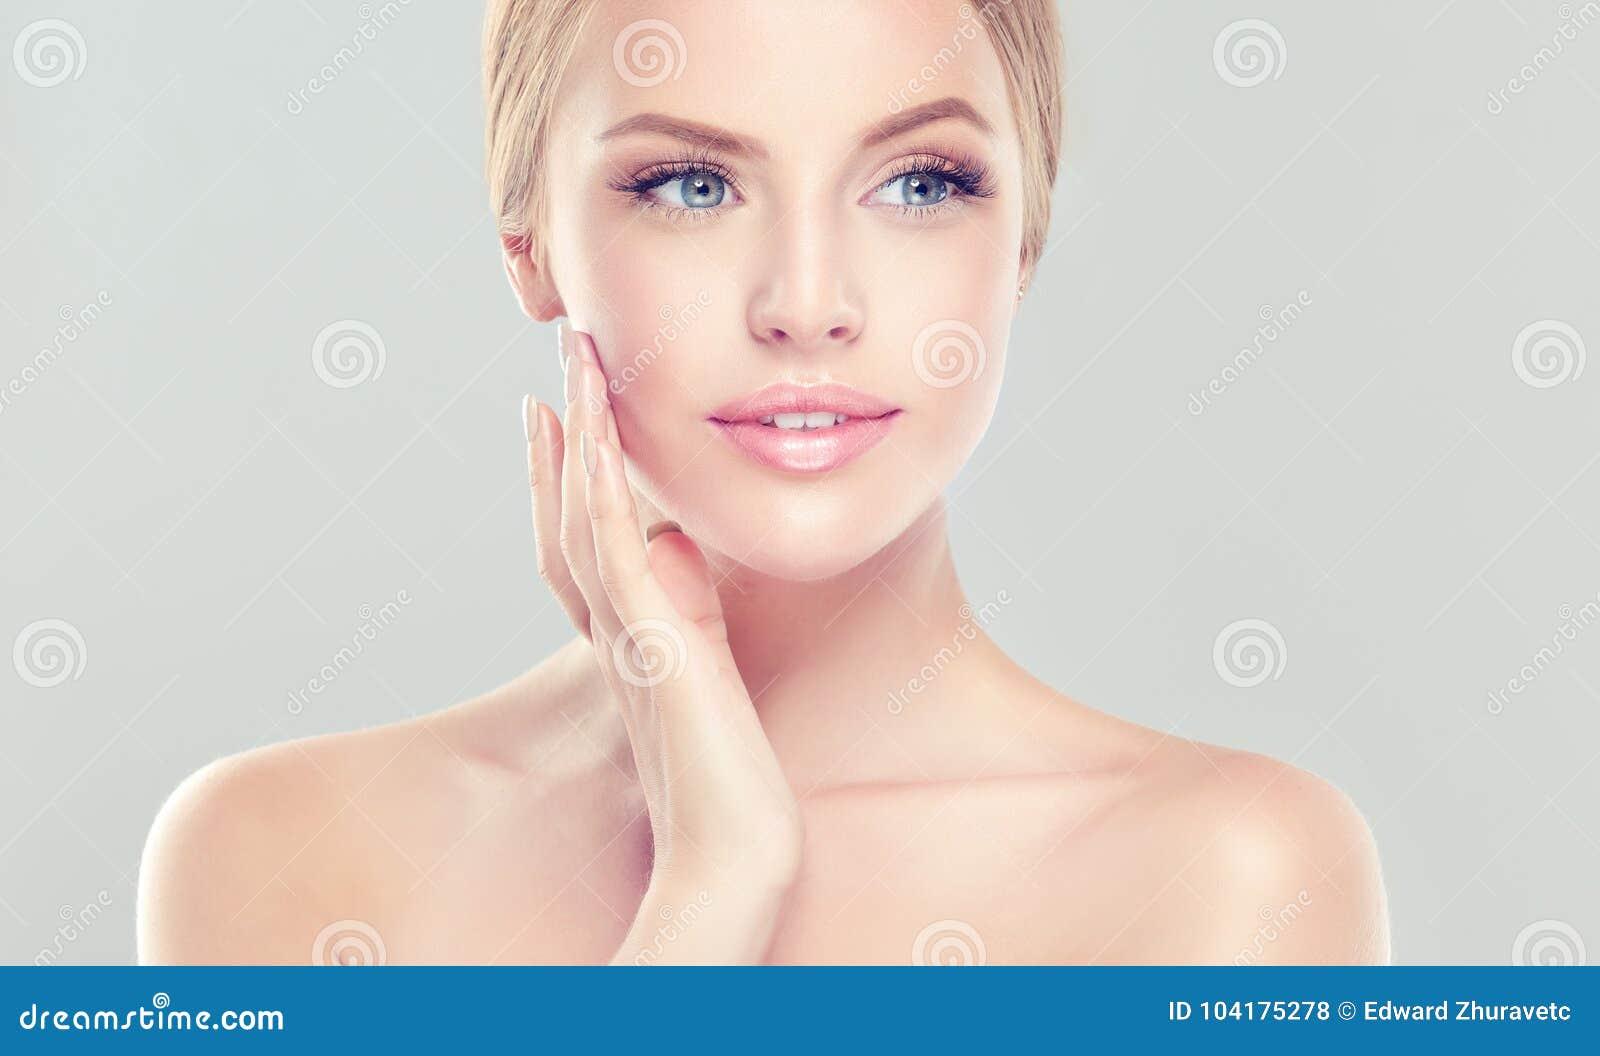 Portret młoda kobieta z czystą świeżą skórą i miękką częścią, delikatny uzupełniał Kobieta dotyka tenderly swój twarz